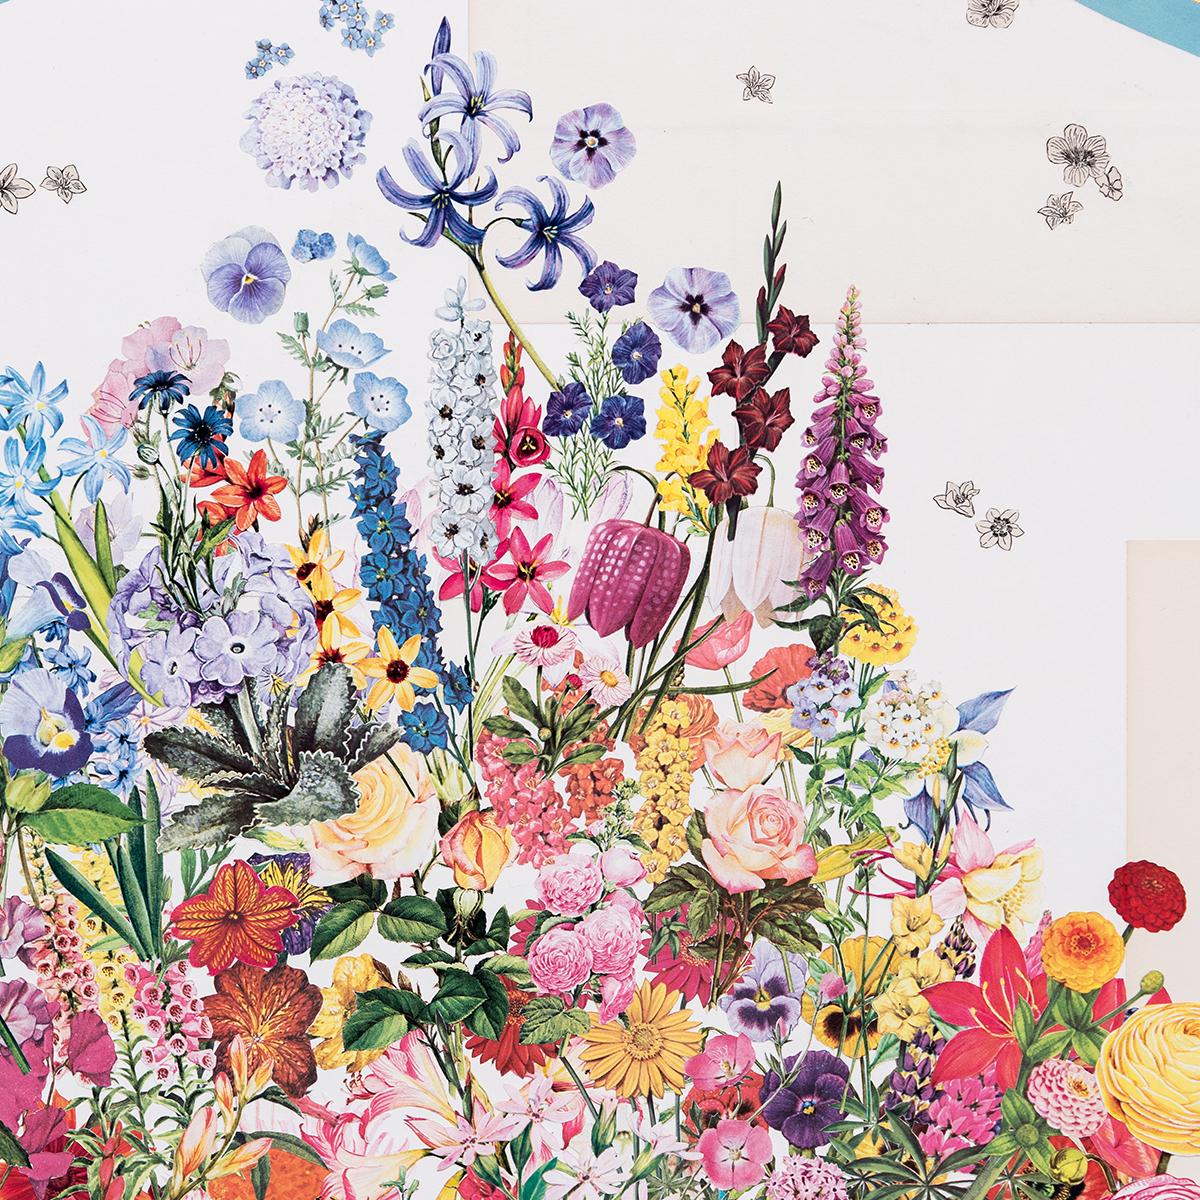 adair_honeymoon_garden_detail.jpg